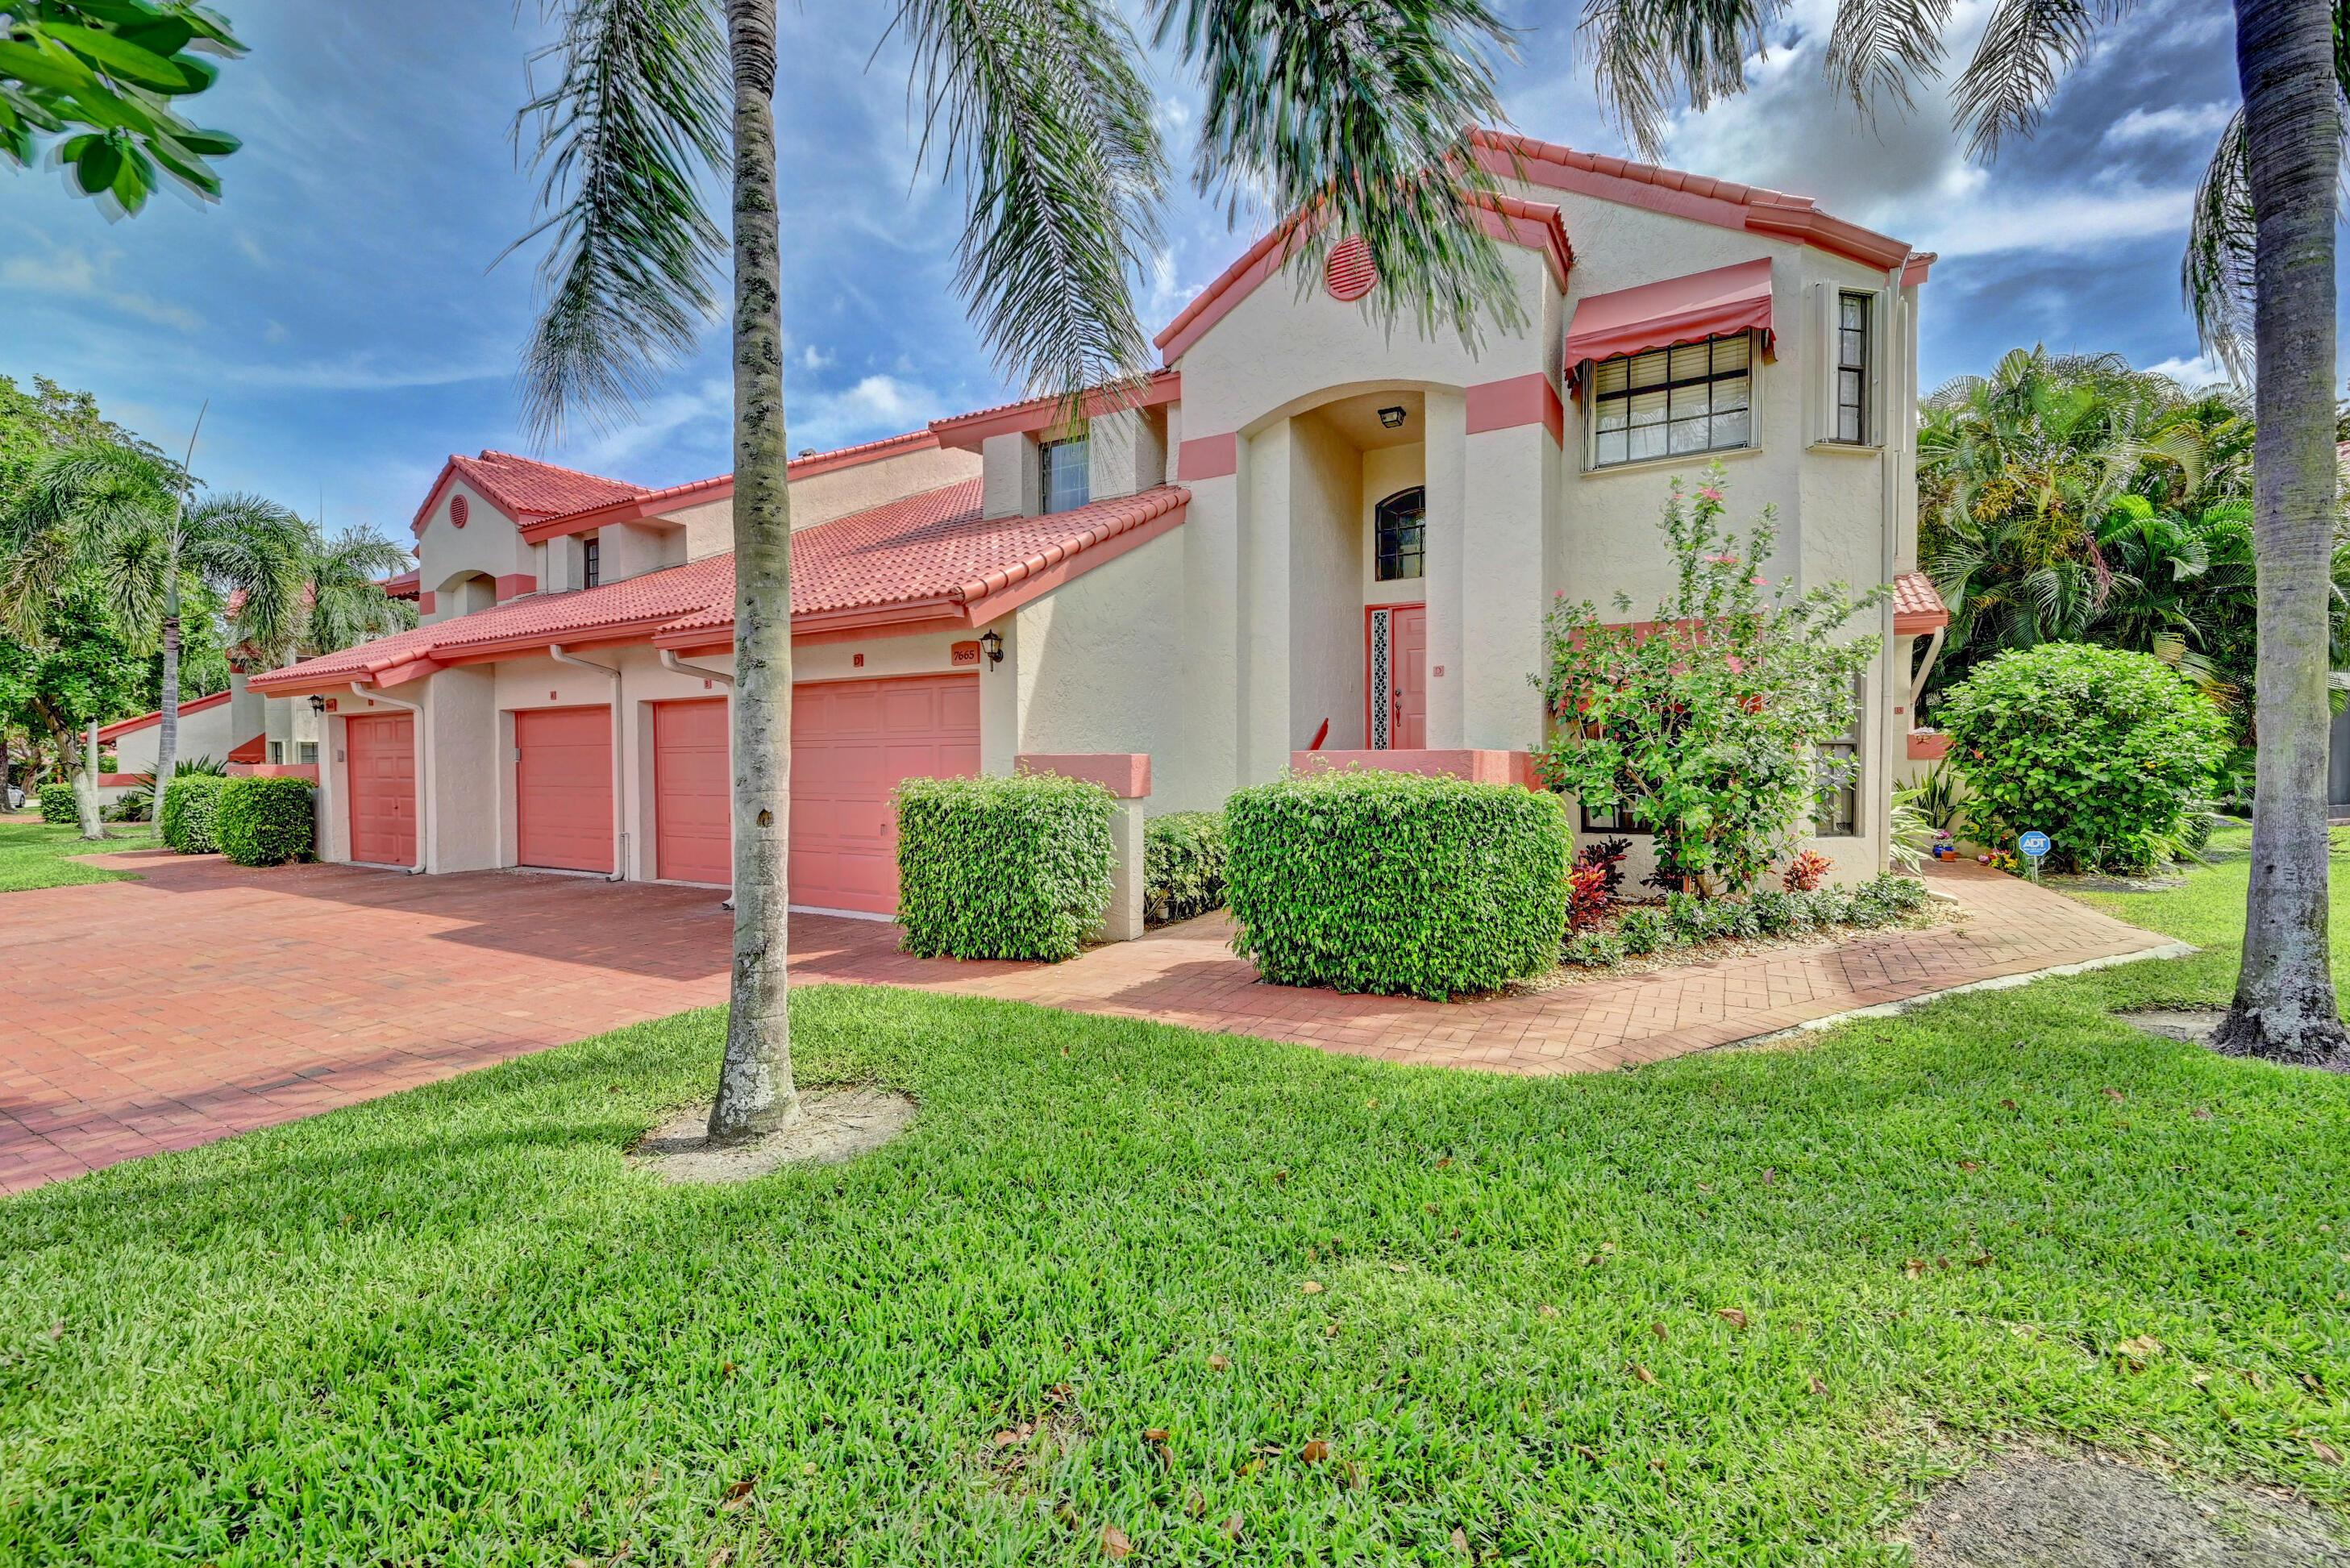 7665  Lexington Club Boulevard D For Sale 10721884, FL